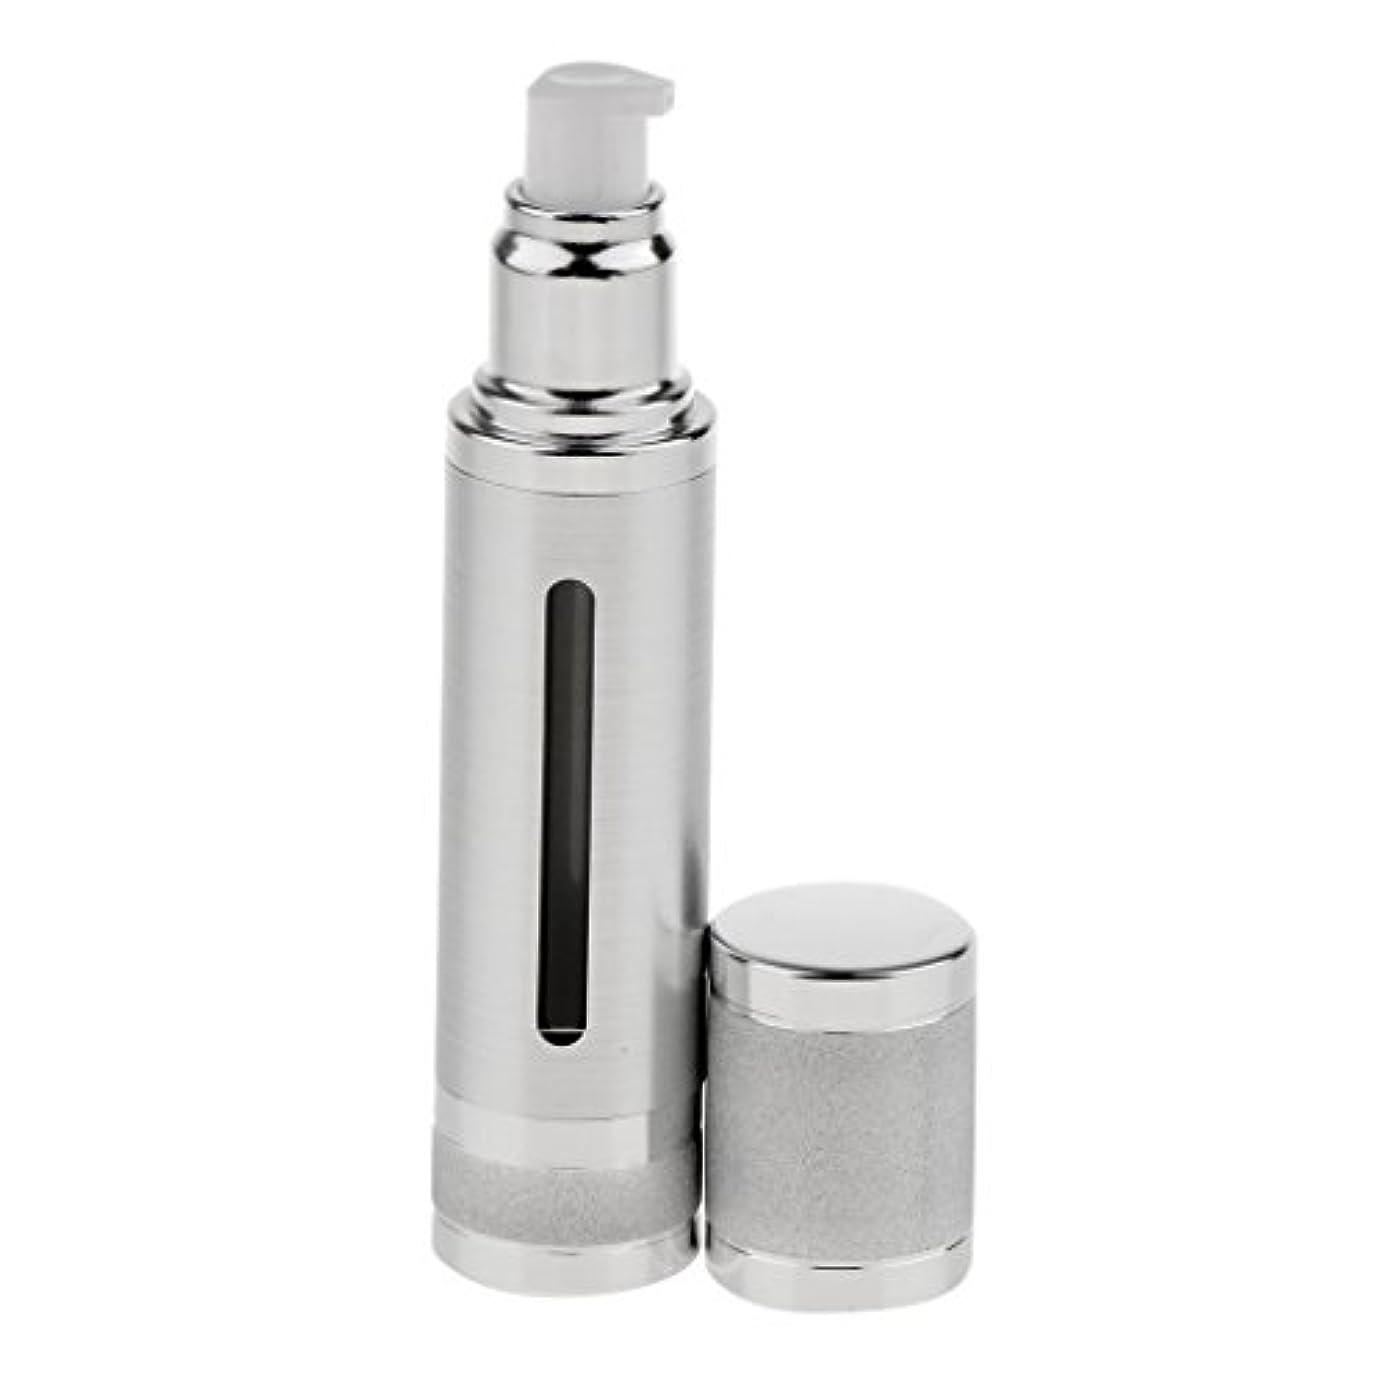 継続中餌満足できるKesoto エアレスボトル 50ml エアレス ポンプボトル ローション クリーム 化粧品 詰め替え可 容器 2色選べる - 銀